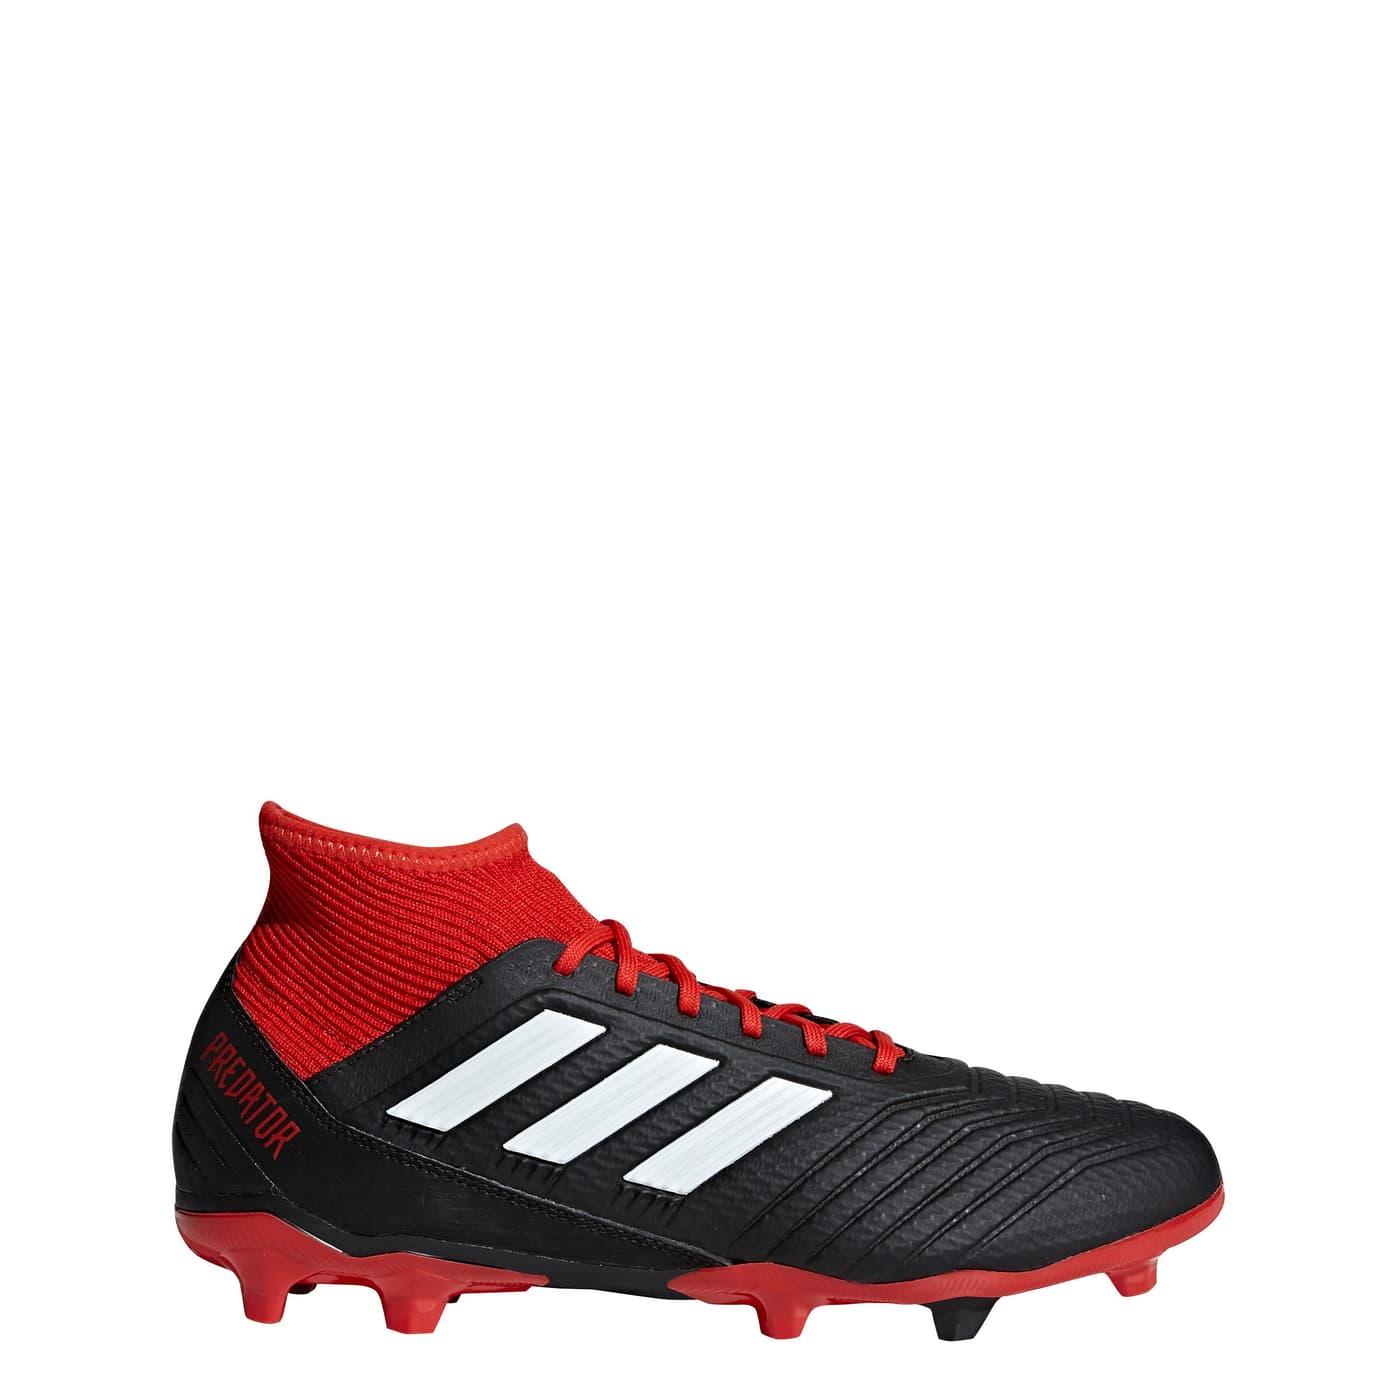 separation shoes 01e8f b308f Adidas Predator 18.3 FG Scarpa da calcio uomo ...